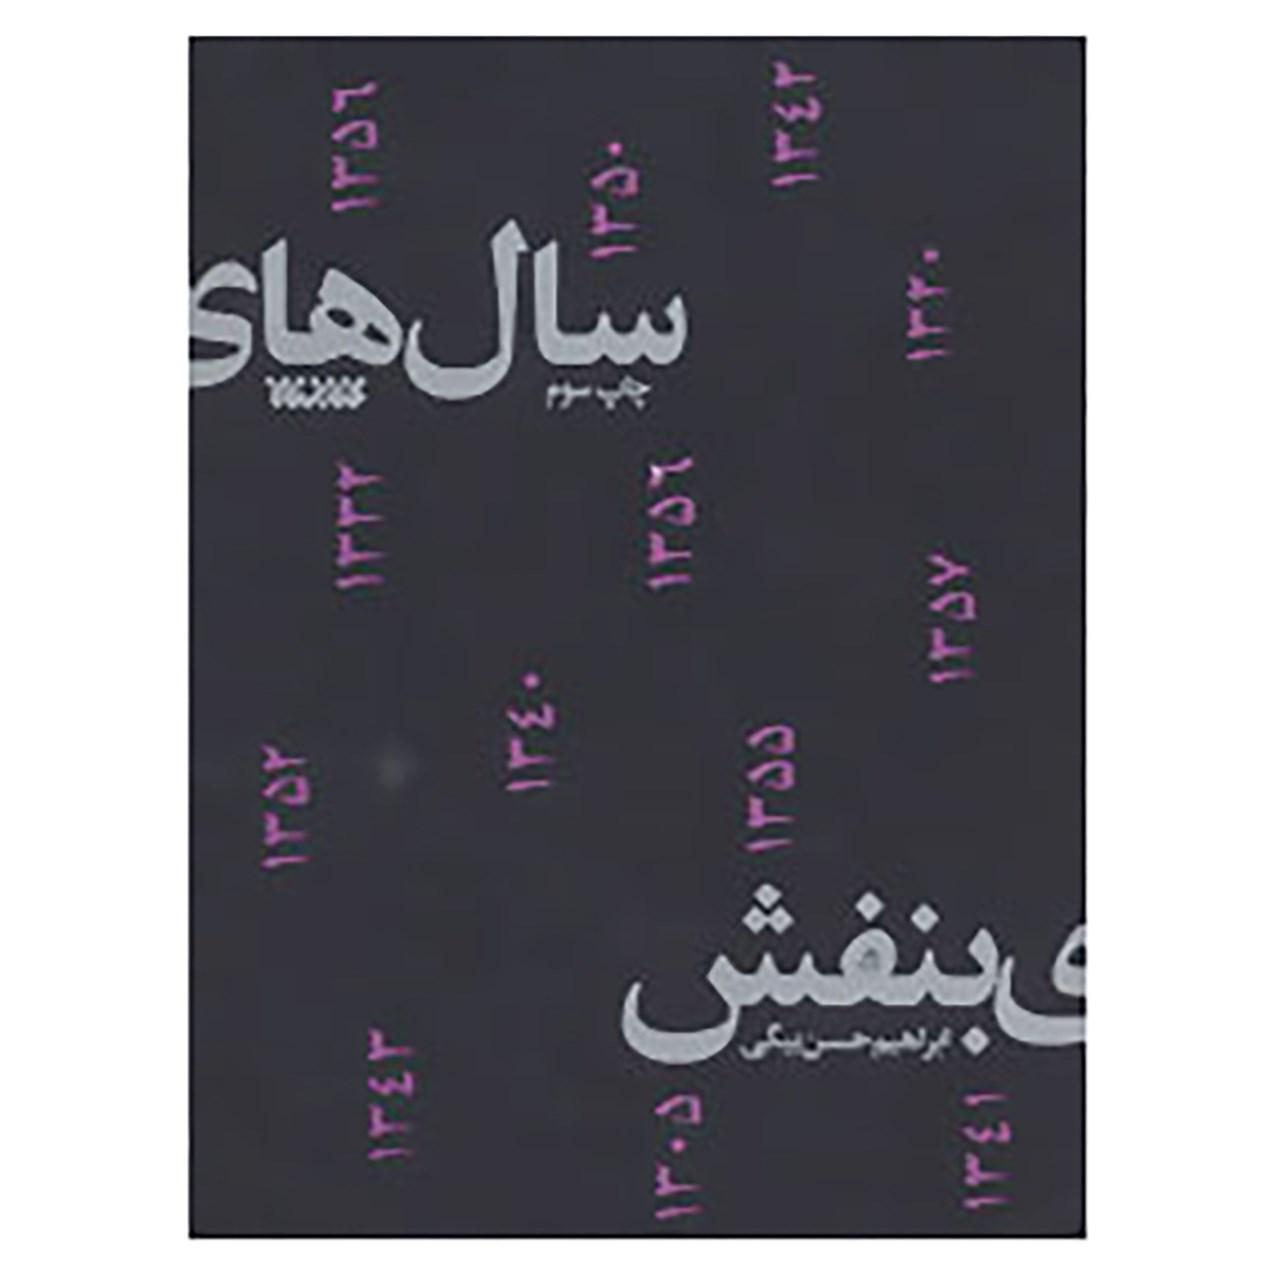 کتاب سال های بنفش اثر ابراهیم حسن بیگی